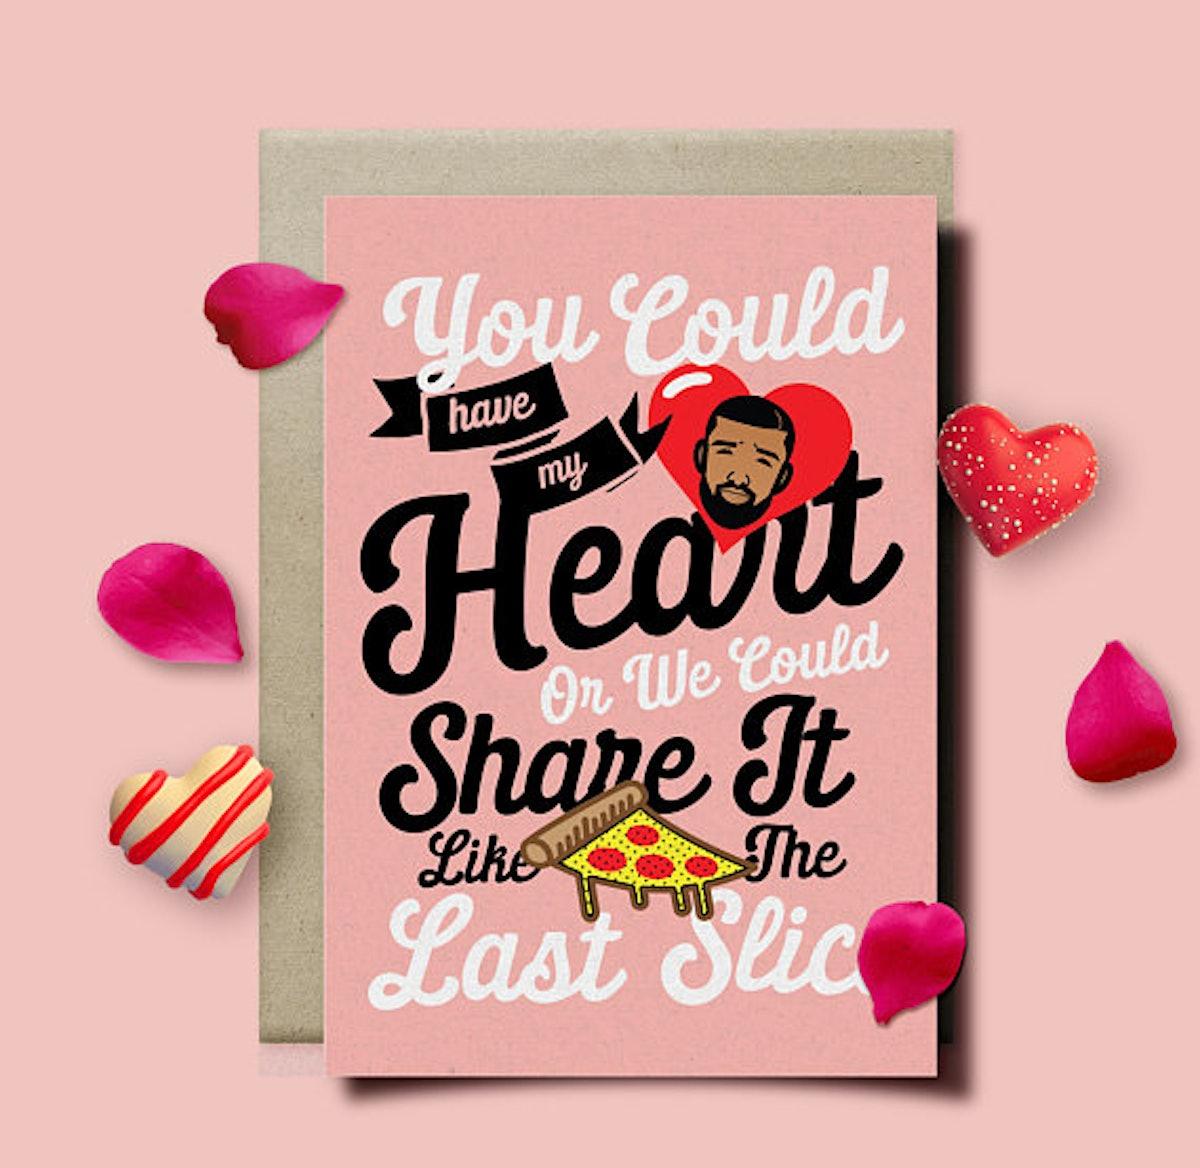 Drake Valentine's Day Card Last Slice